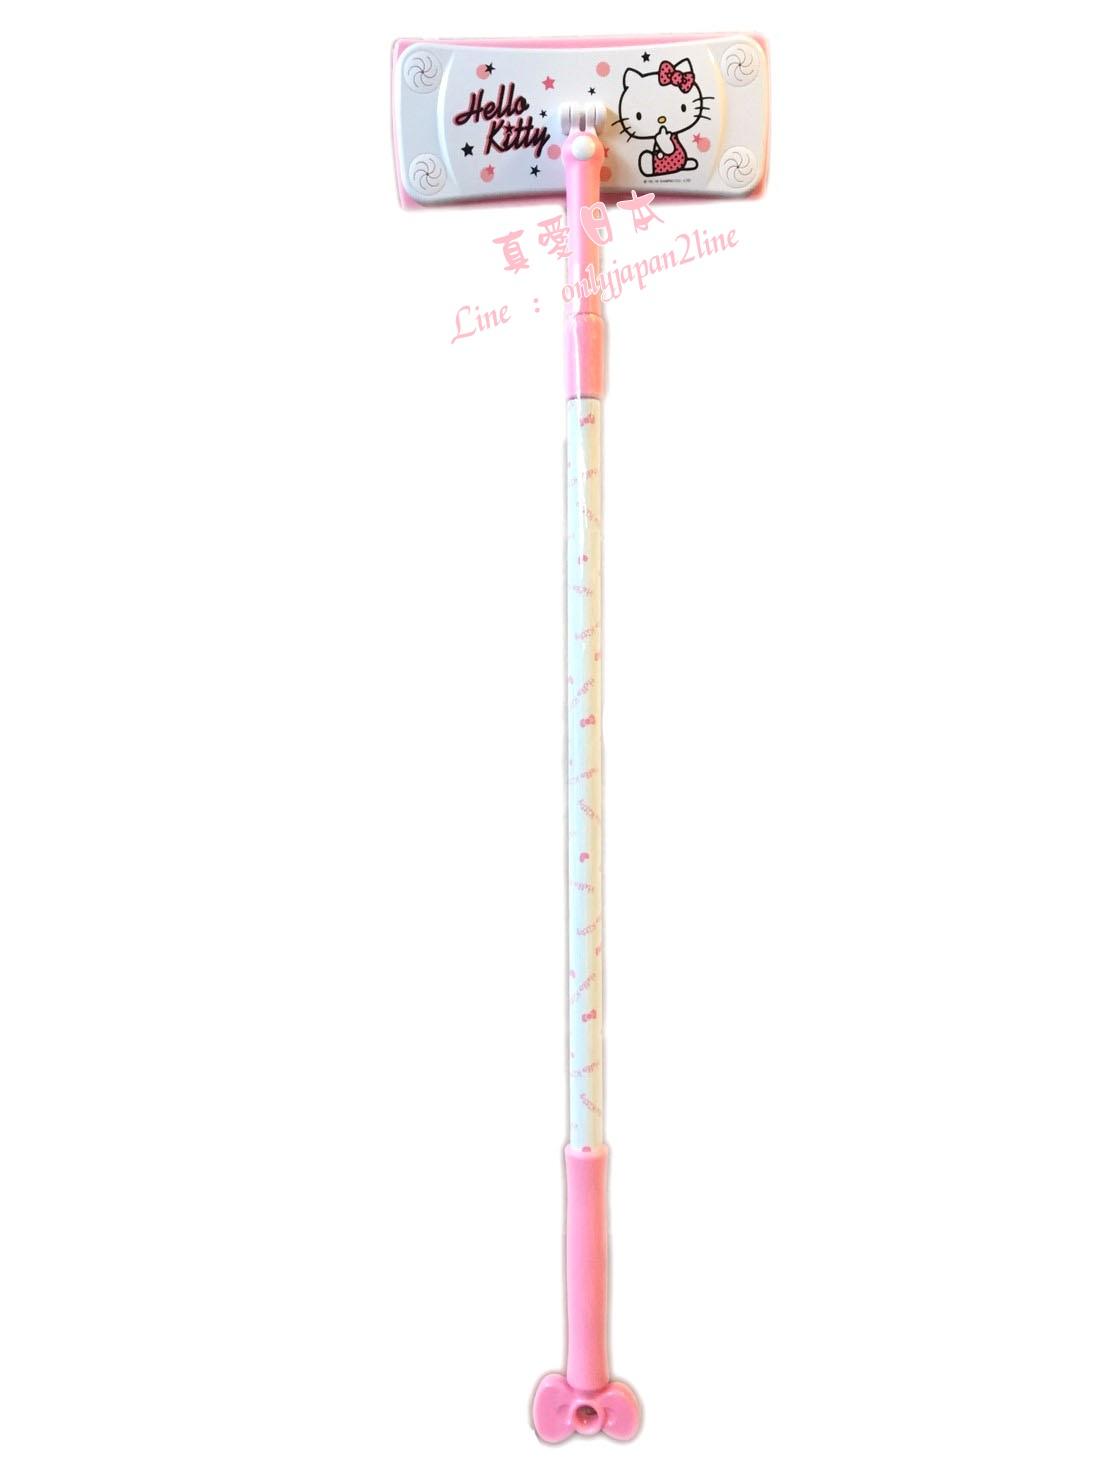 【真愛日本】16080300013靜電除塵拖把-粉 三麗鷗 Hello Kitty 凱蒂貓  居家小幫手 除塵拖